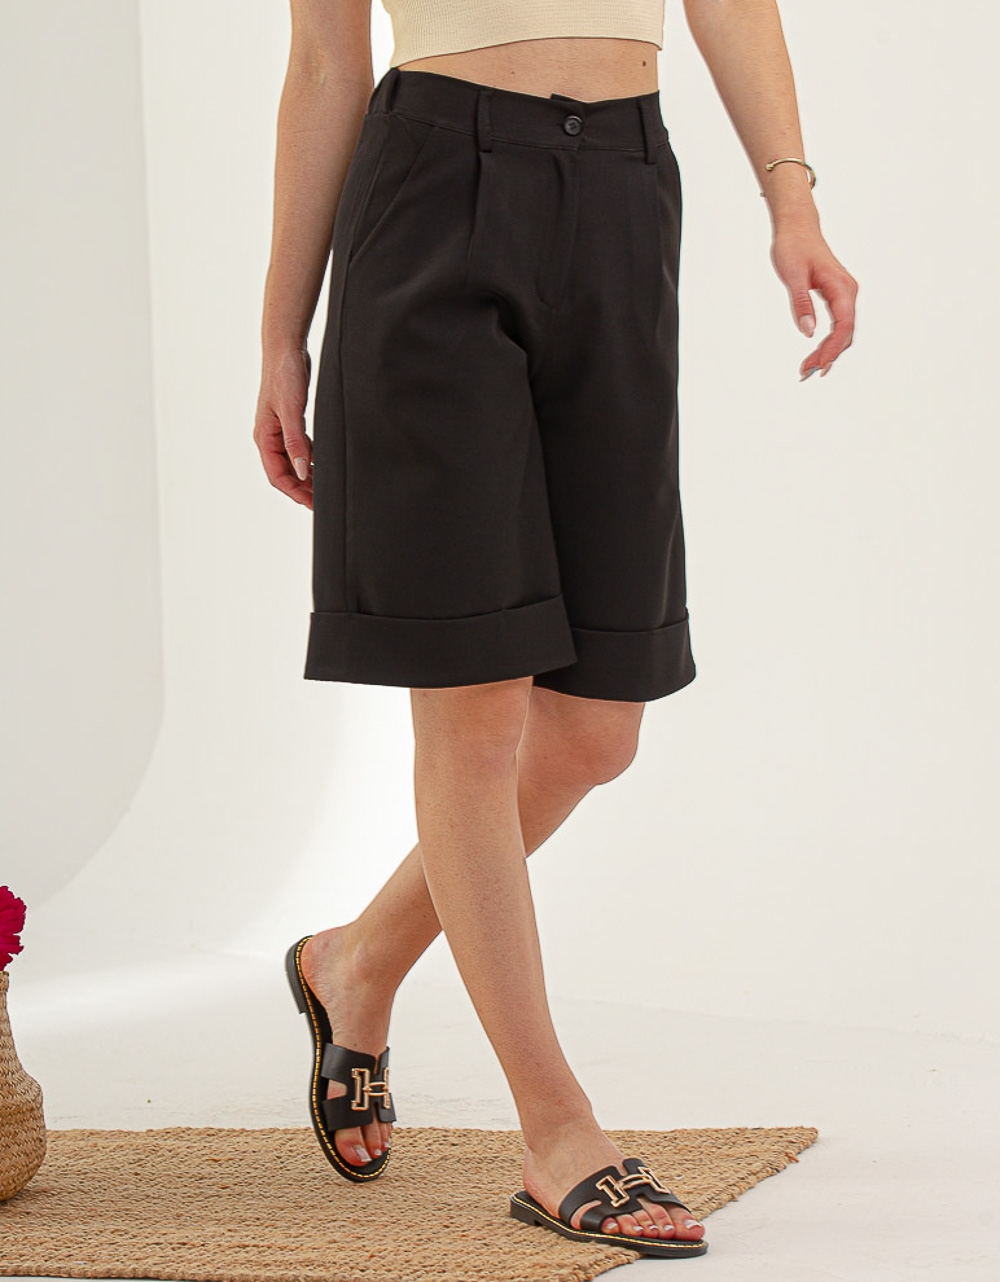 Εικόνα από Γυναικειά βερμούδα με τσέπες Μαύρο